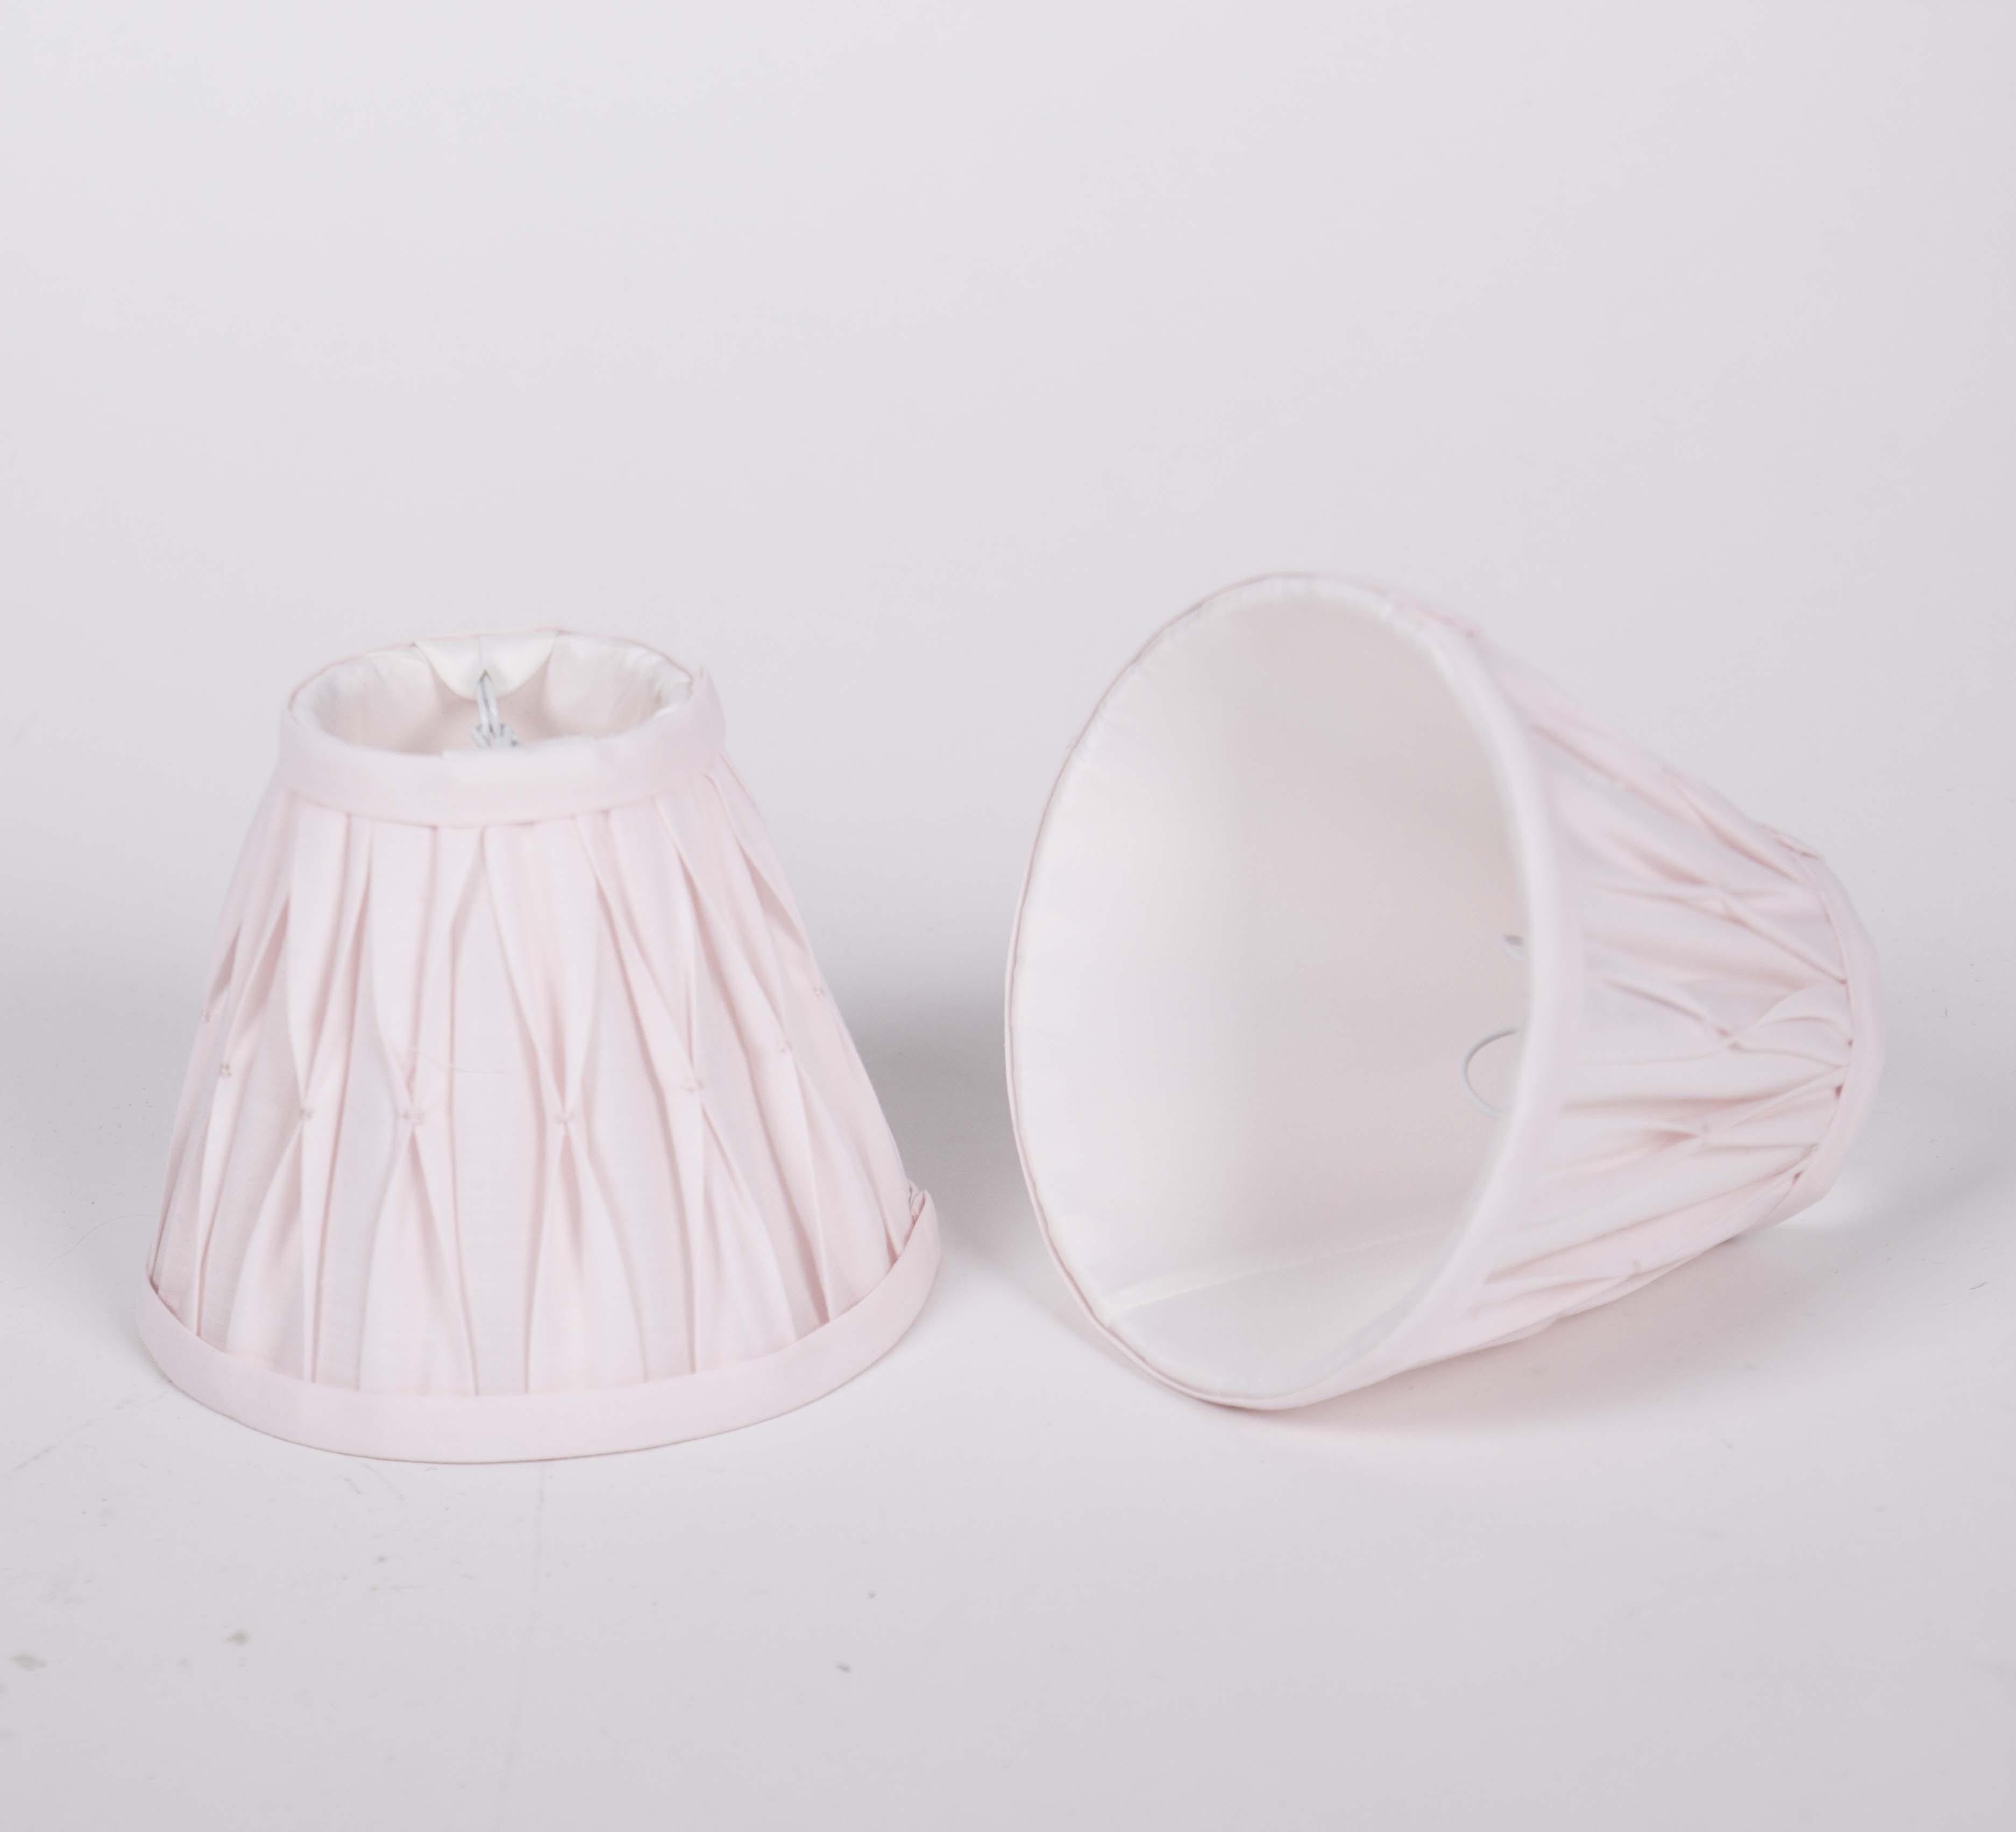 KIemmschirm Farbe rosa, Lampenschirm für Kronleuchter, Form rund Ø 14 cm